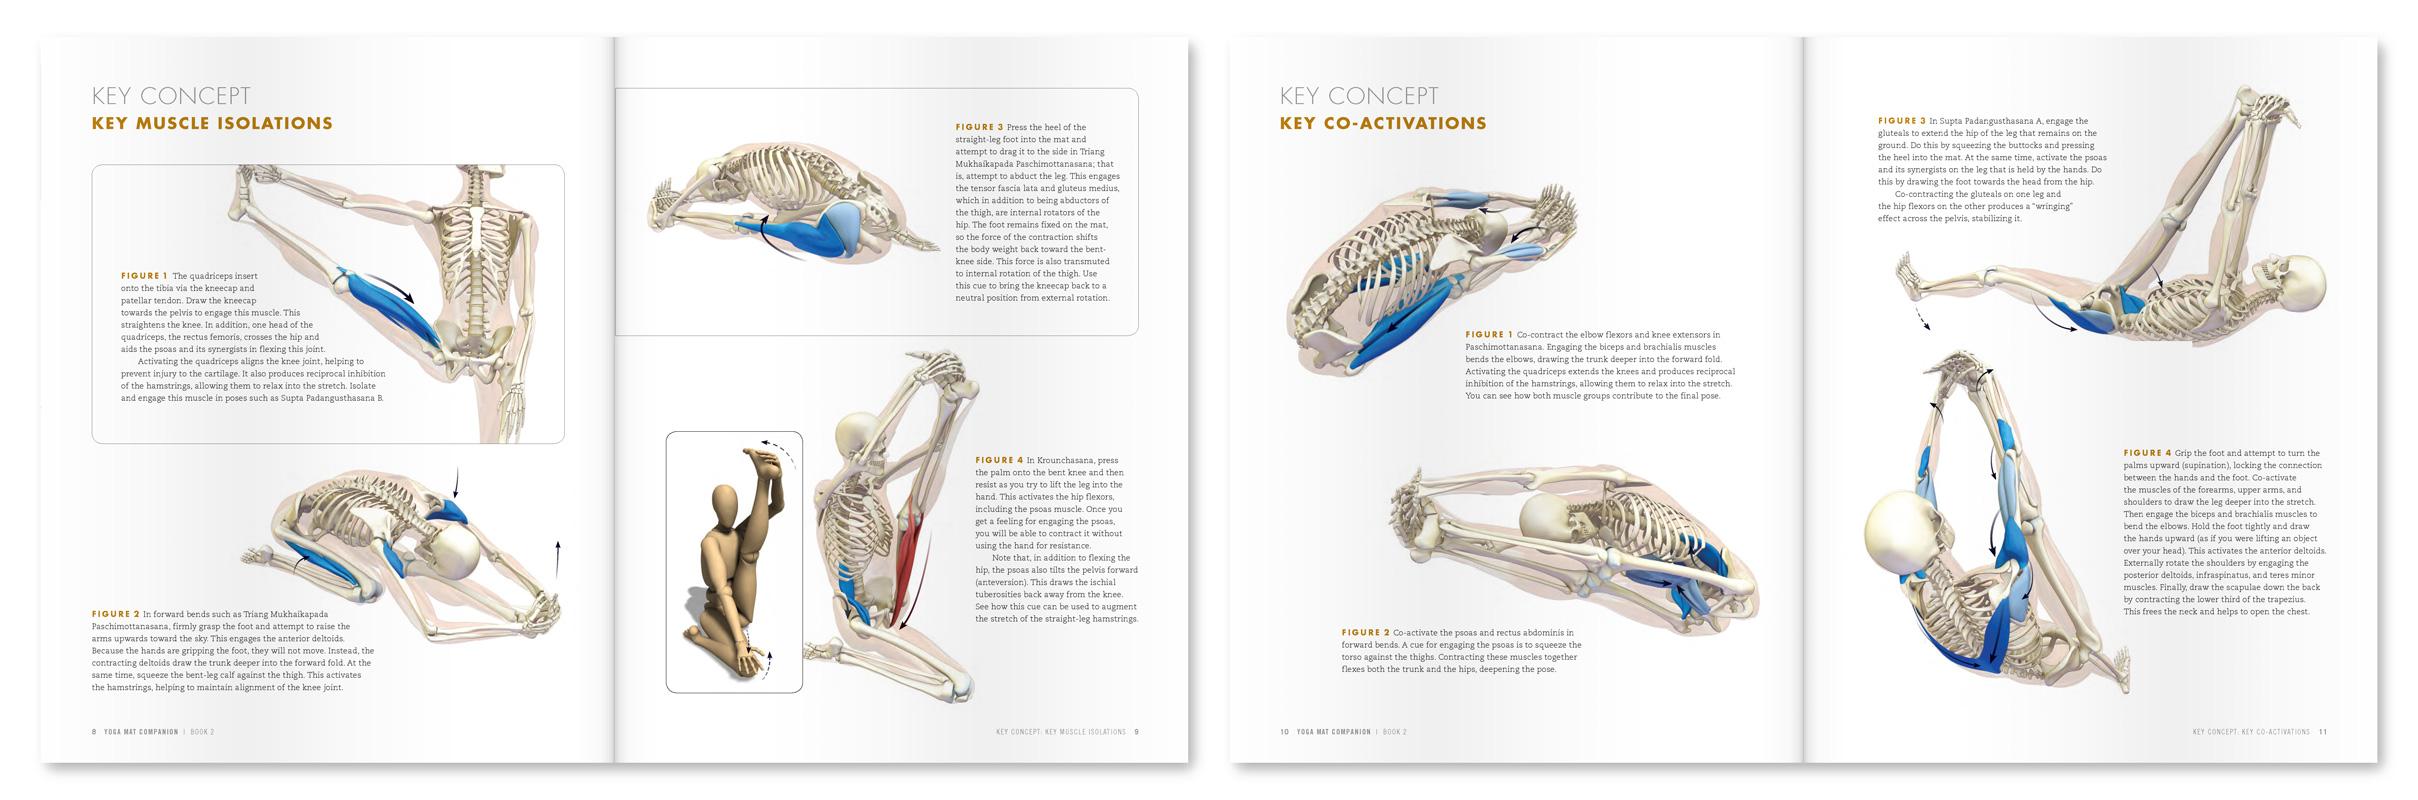 The Daily Bandha: QuickQuiz #6 - The Anatomy and Biomechanics of ...